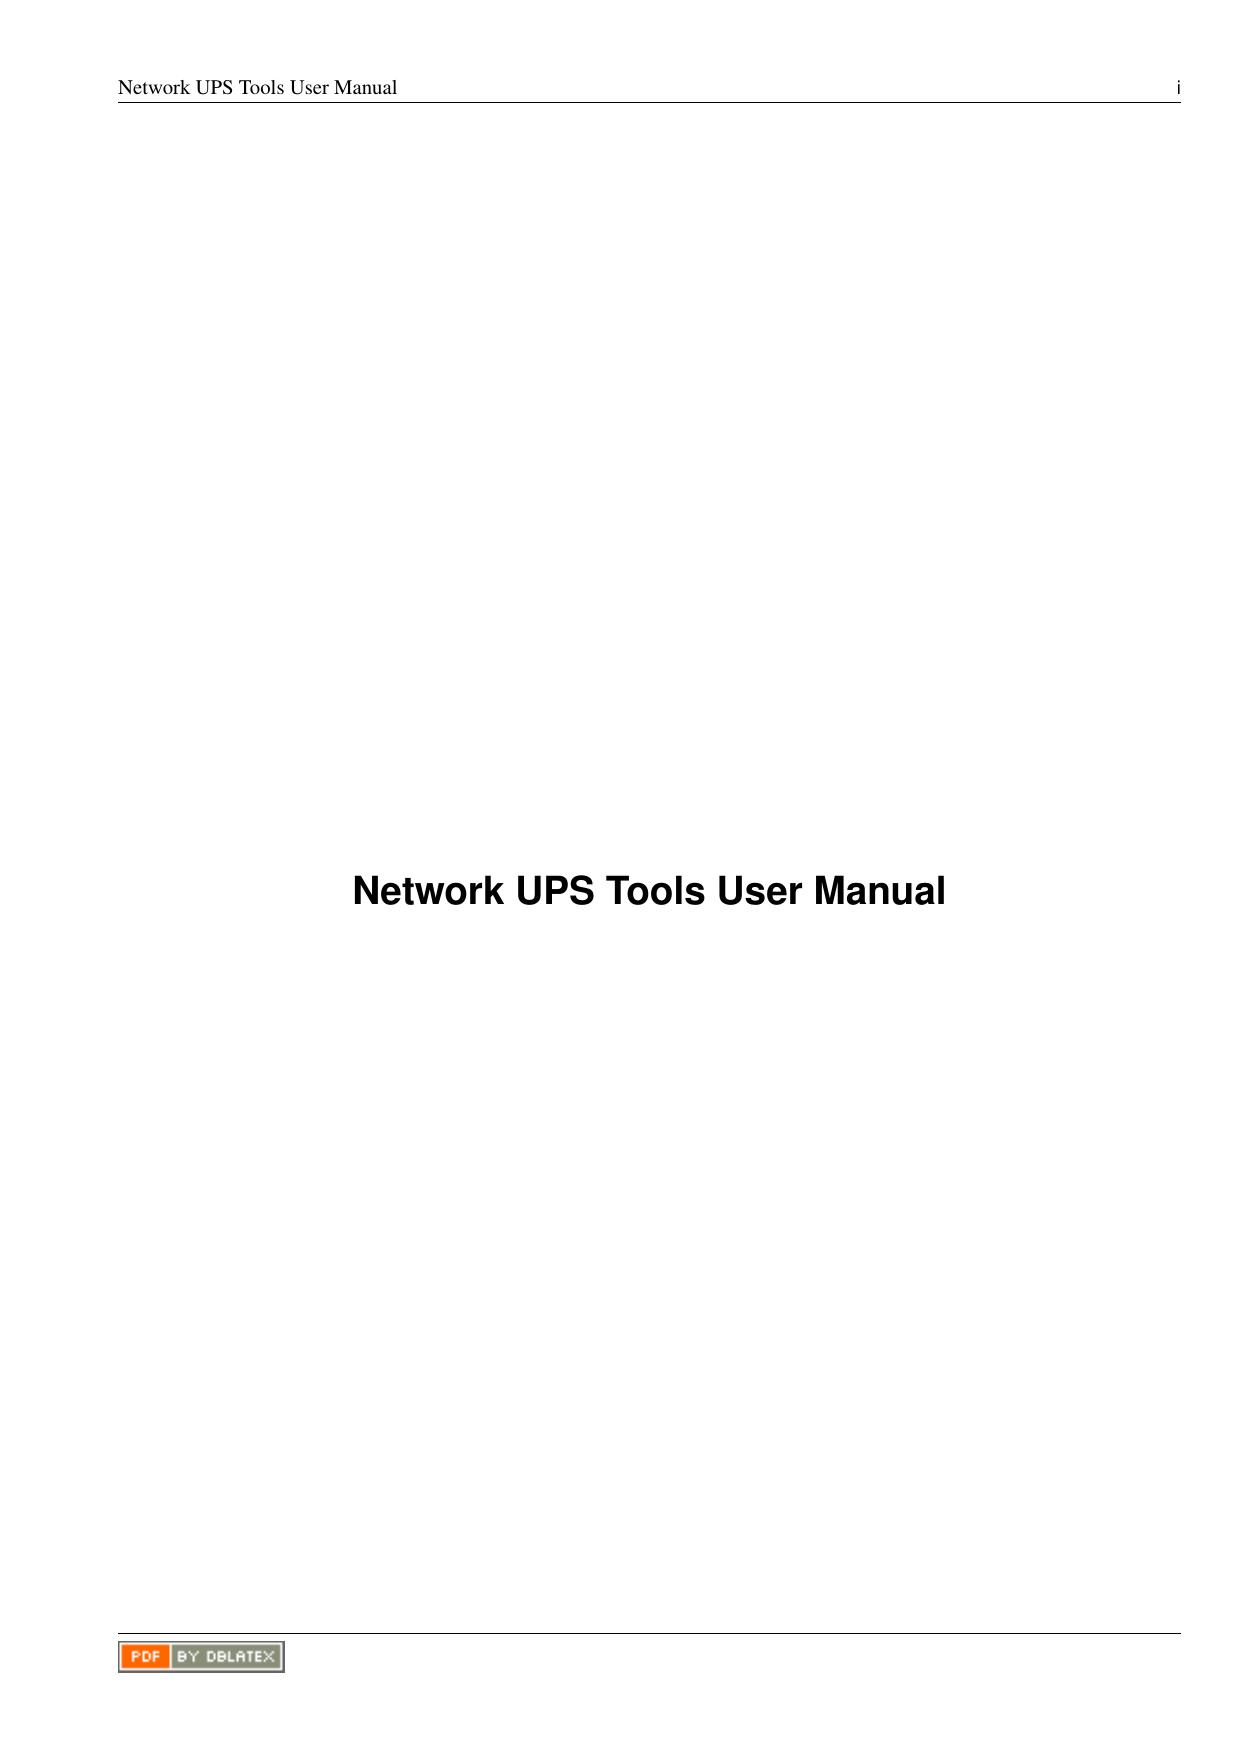 Network UPS Tools User Manual | manualzz com